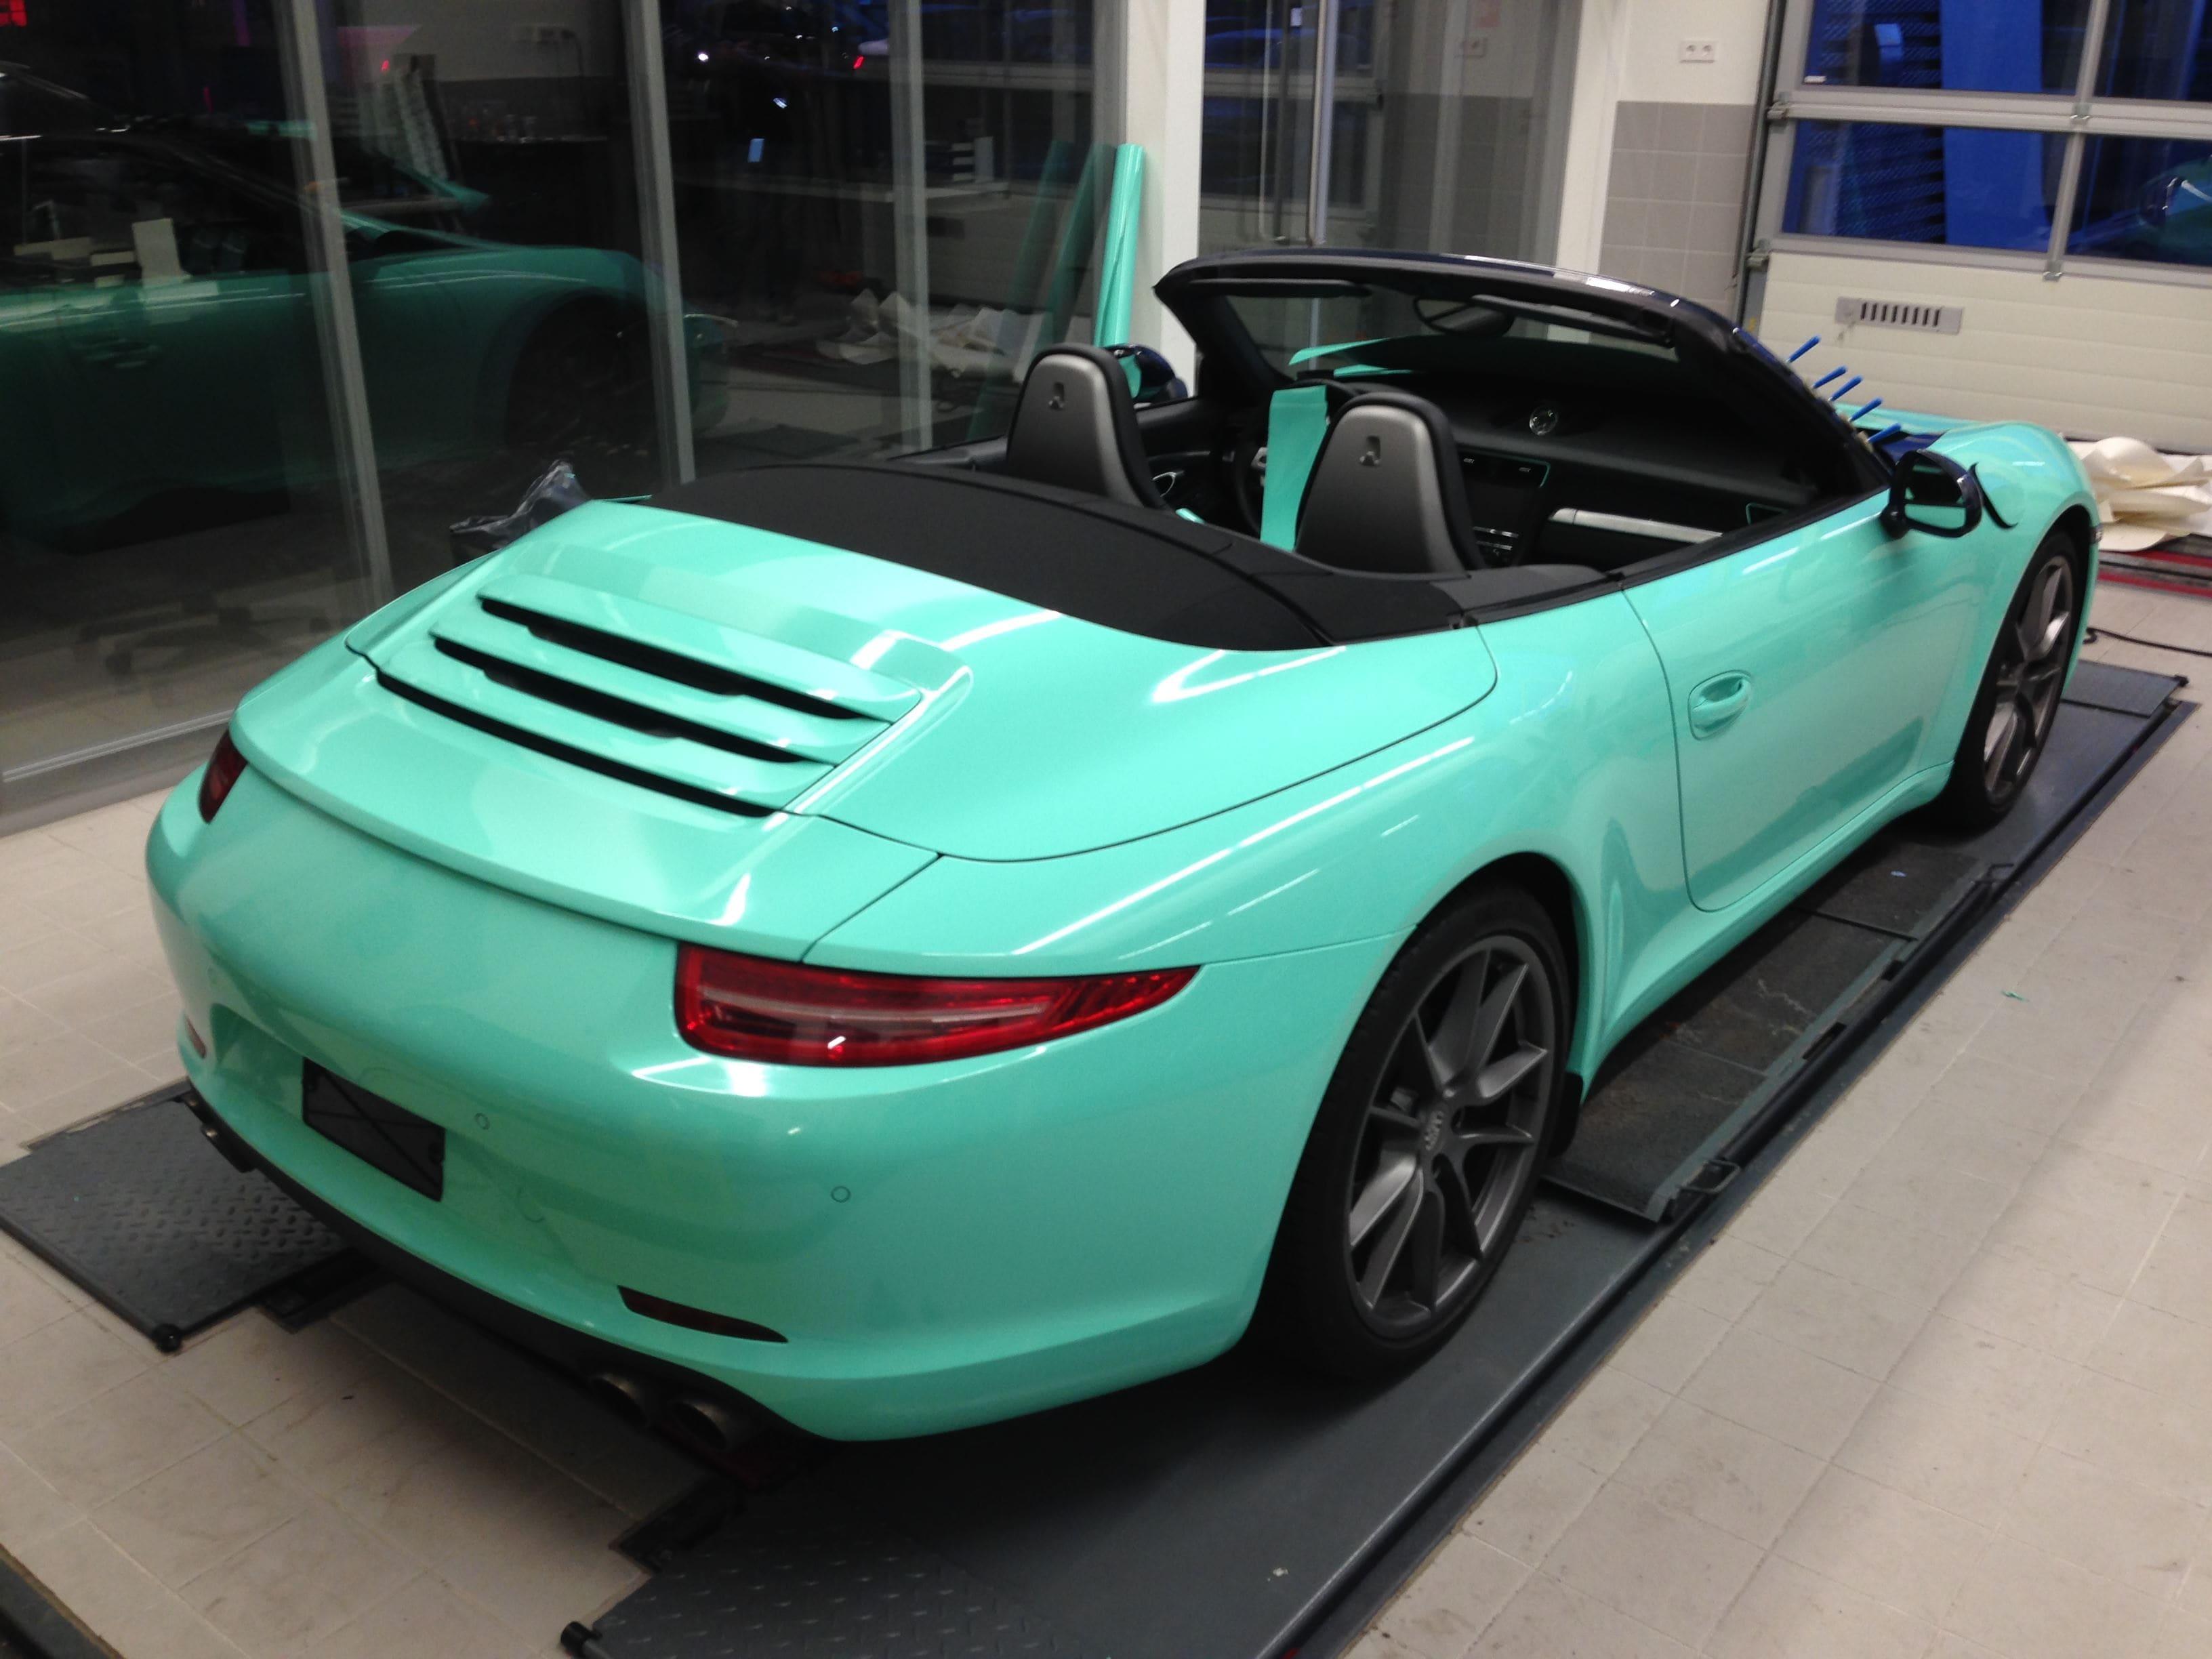 Porsche Carrera Turbo S Cabrio met Mint Green Wrap, Carwrapping door Wrapmyride.nu Foto-nr:6734, ©2020